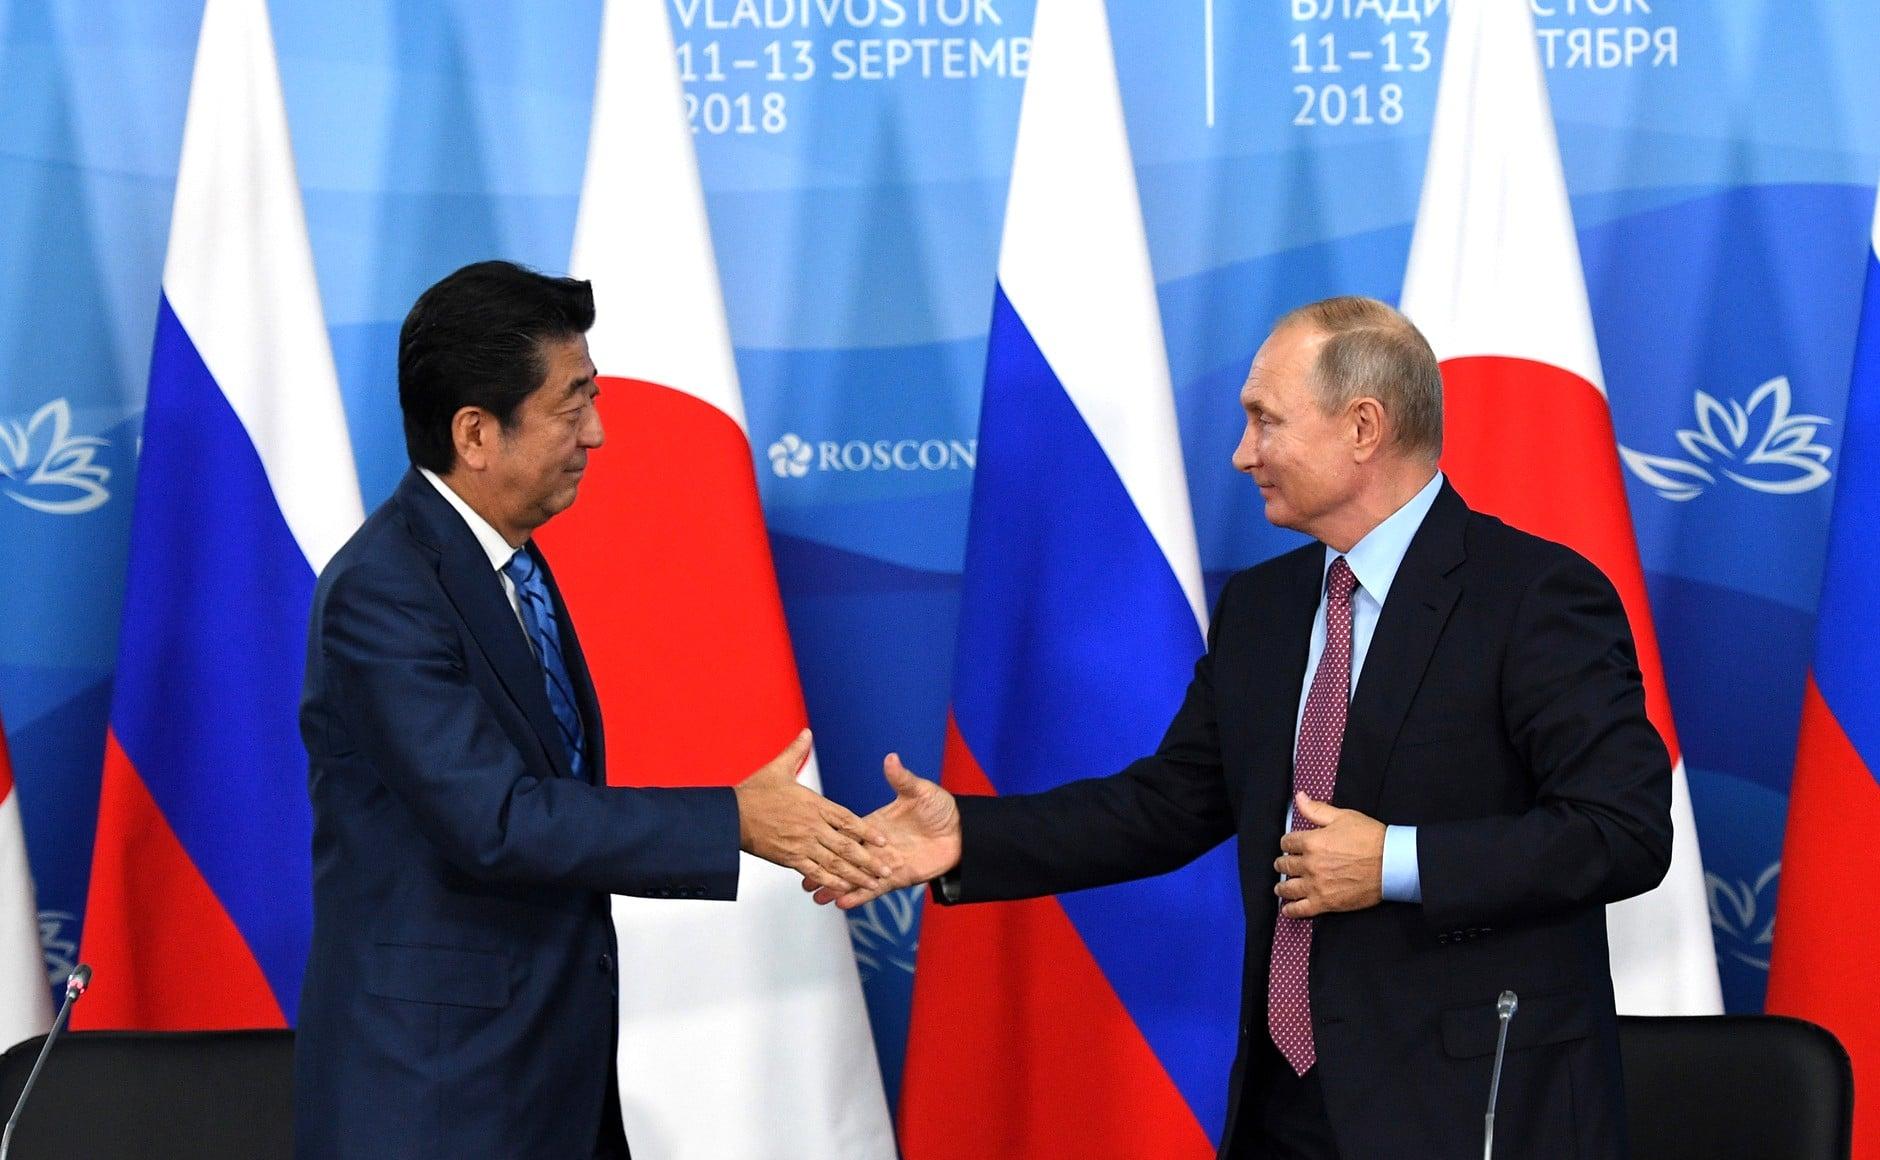 Putyin és Abe a Kuril-szigeteki gazdasági együttműködés folytatásáról állapodott meg